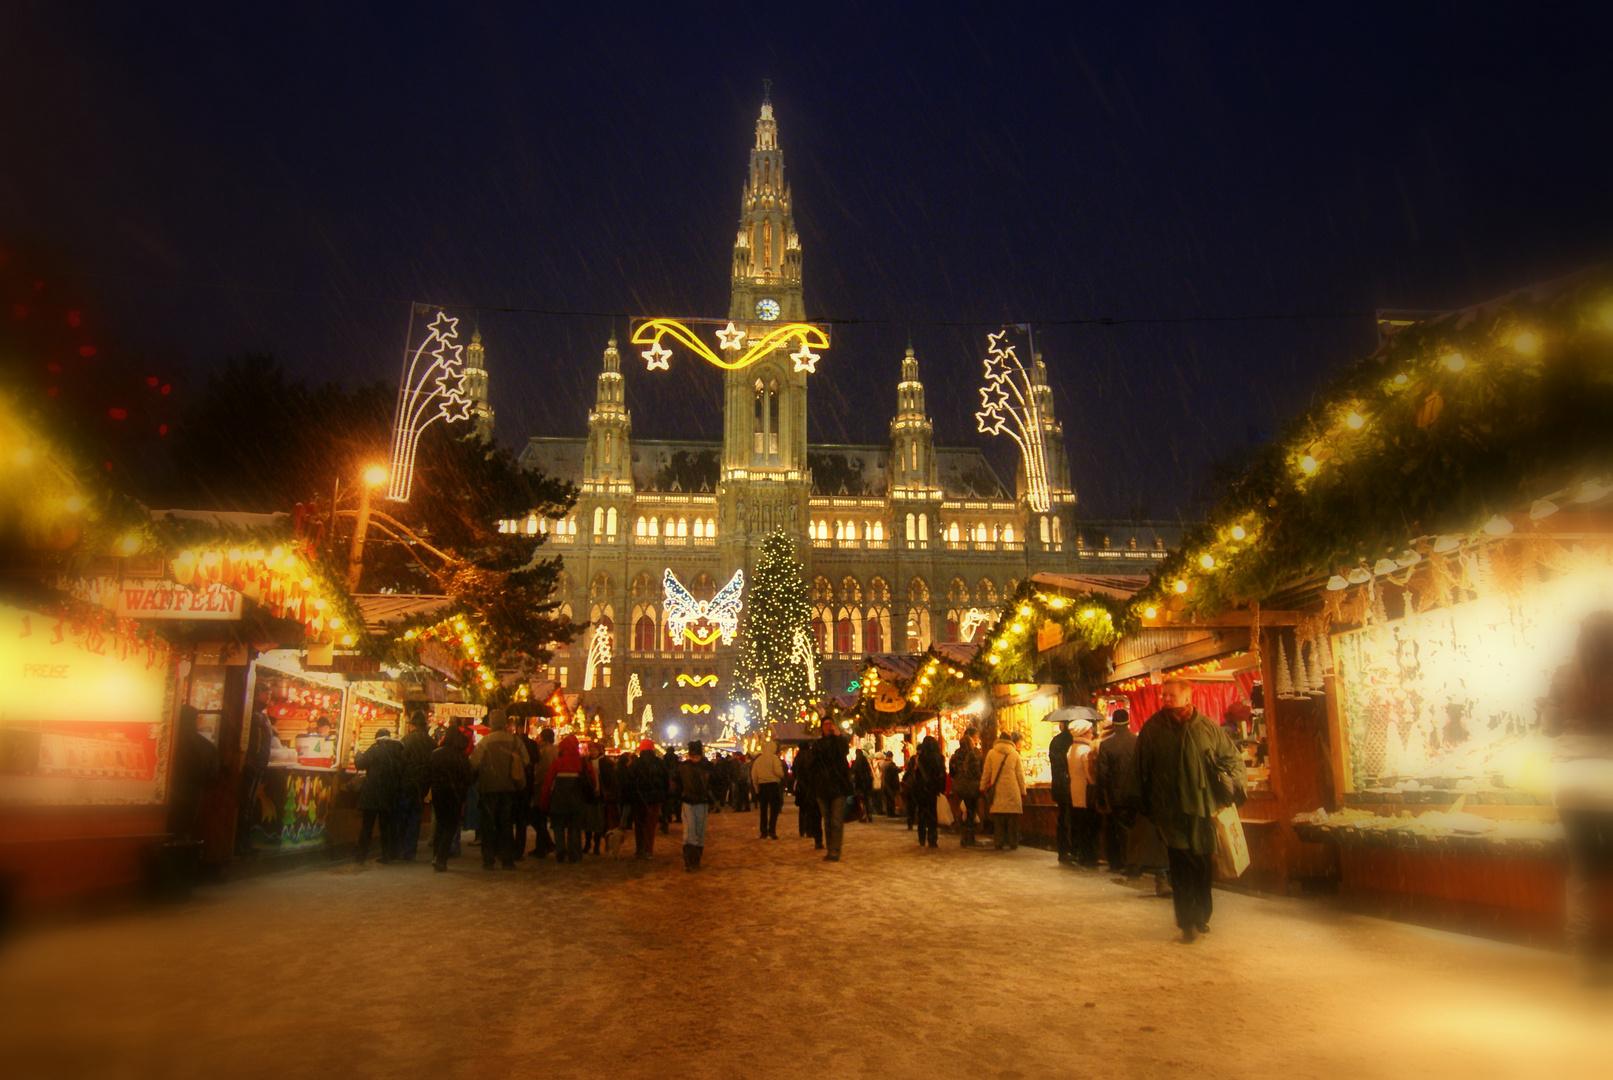 Lichter, Schnee, Punsch und Kekserlduft - es liegt Weihnachten in ...